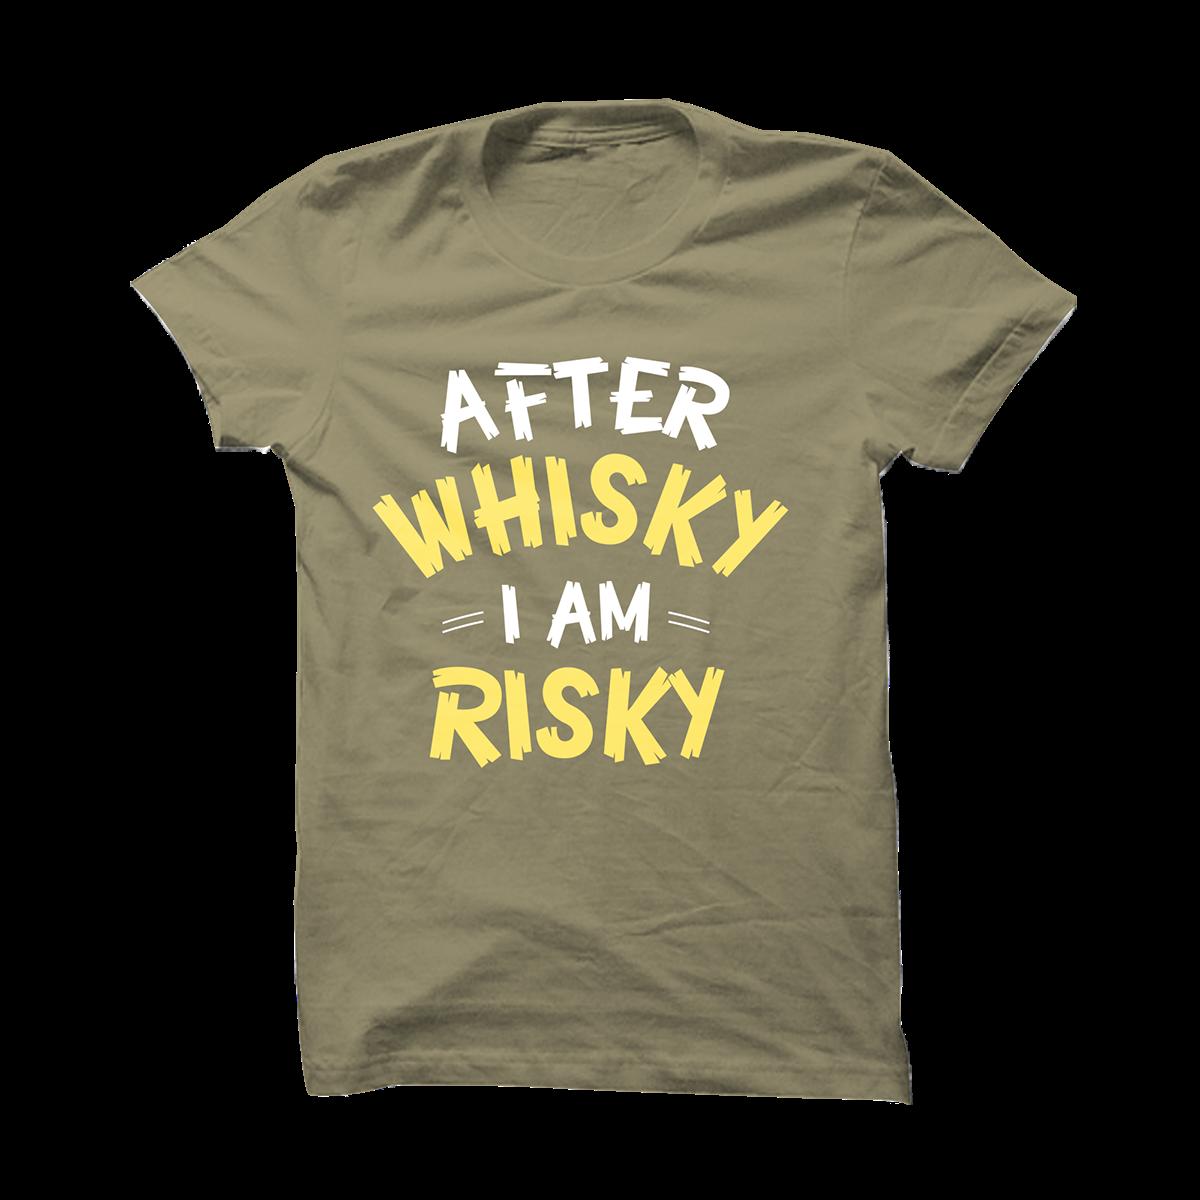 Super Cool Mens T-Shirt Designs on Behance &HC_99